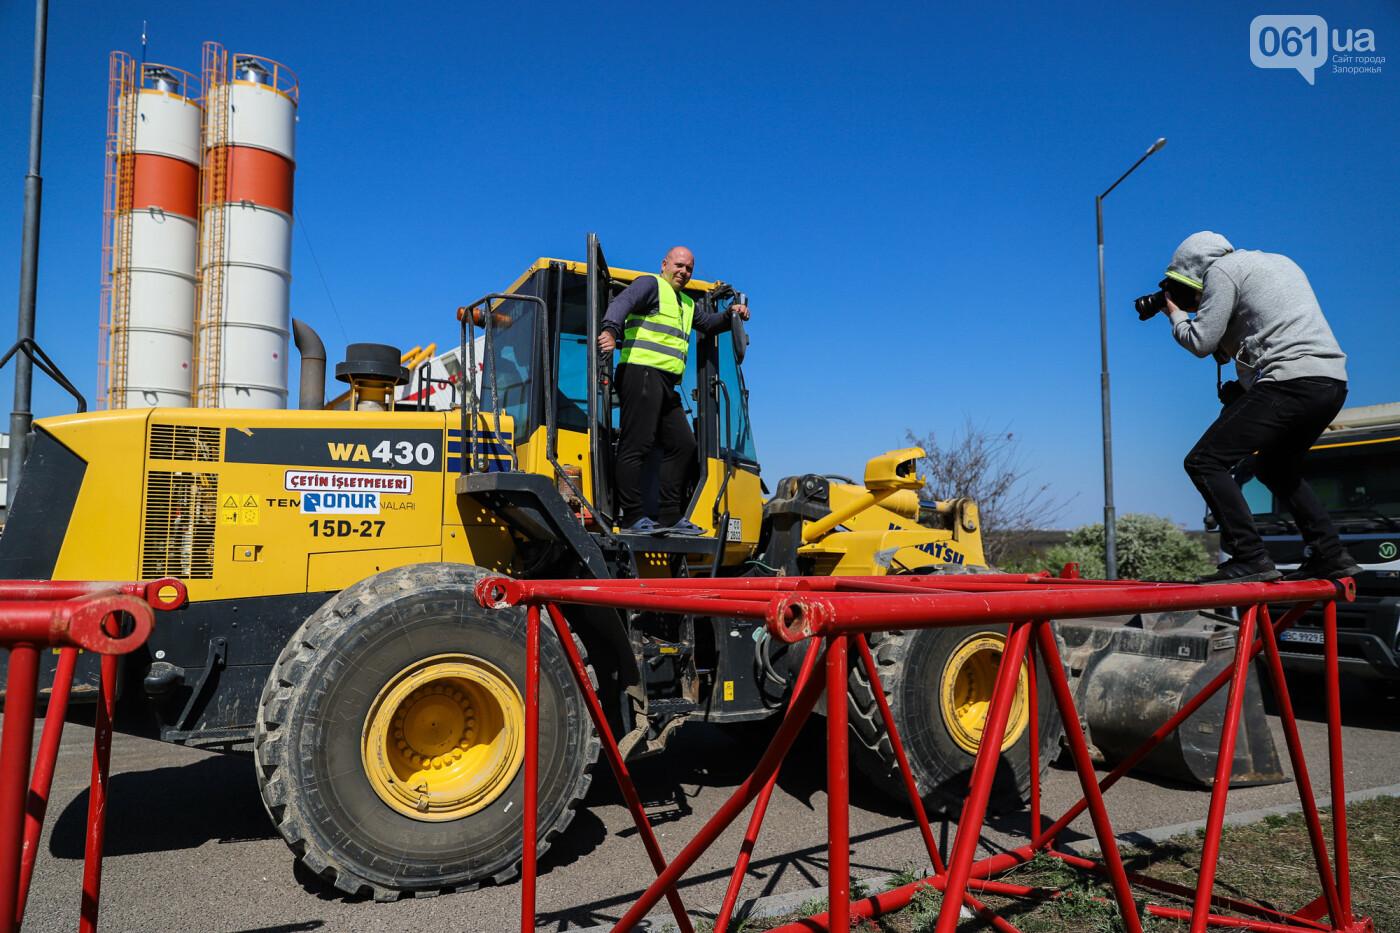 На запорожские мосты выделено 2,7 миллиарда: что сейчас проиходит стройплощадке, - ФОТОРЕПОРТАЖ, фото-11